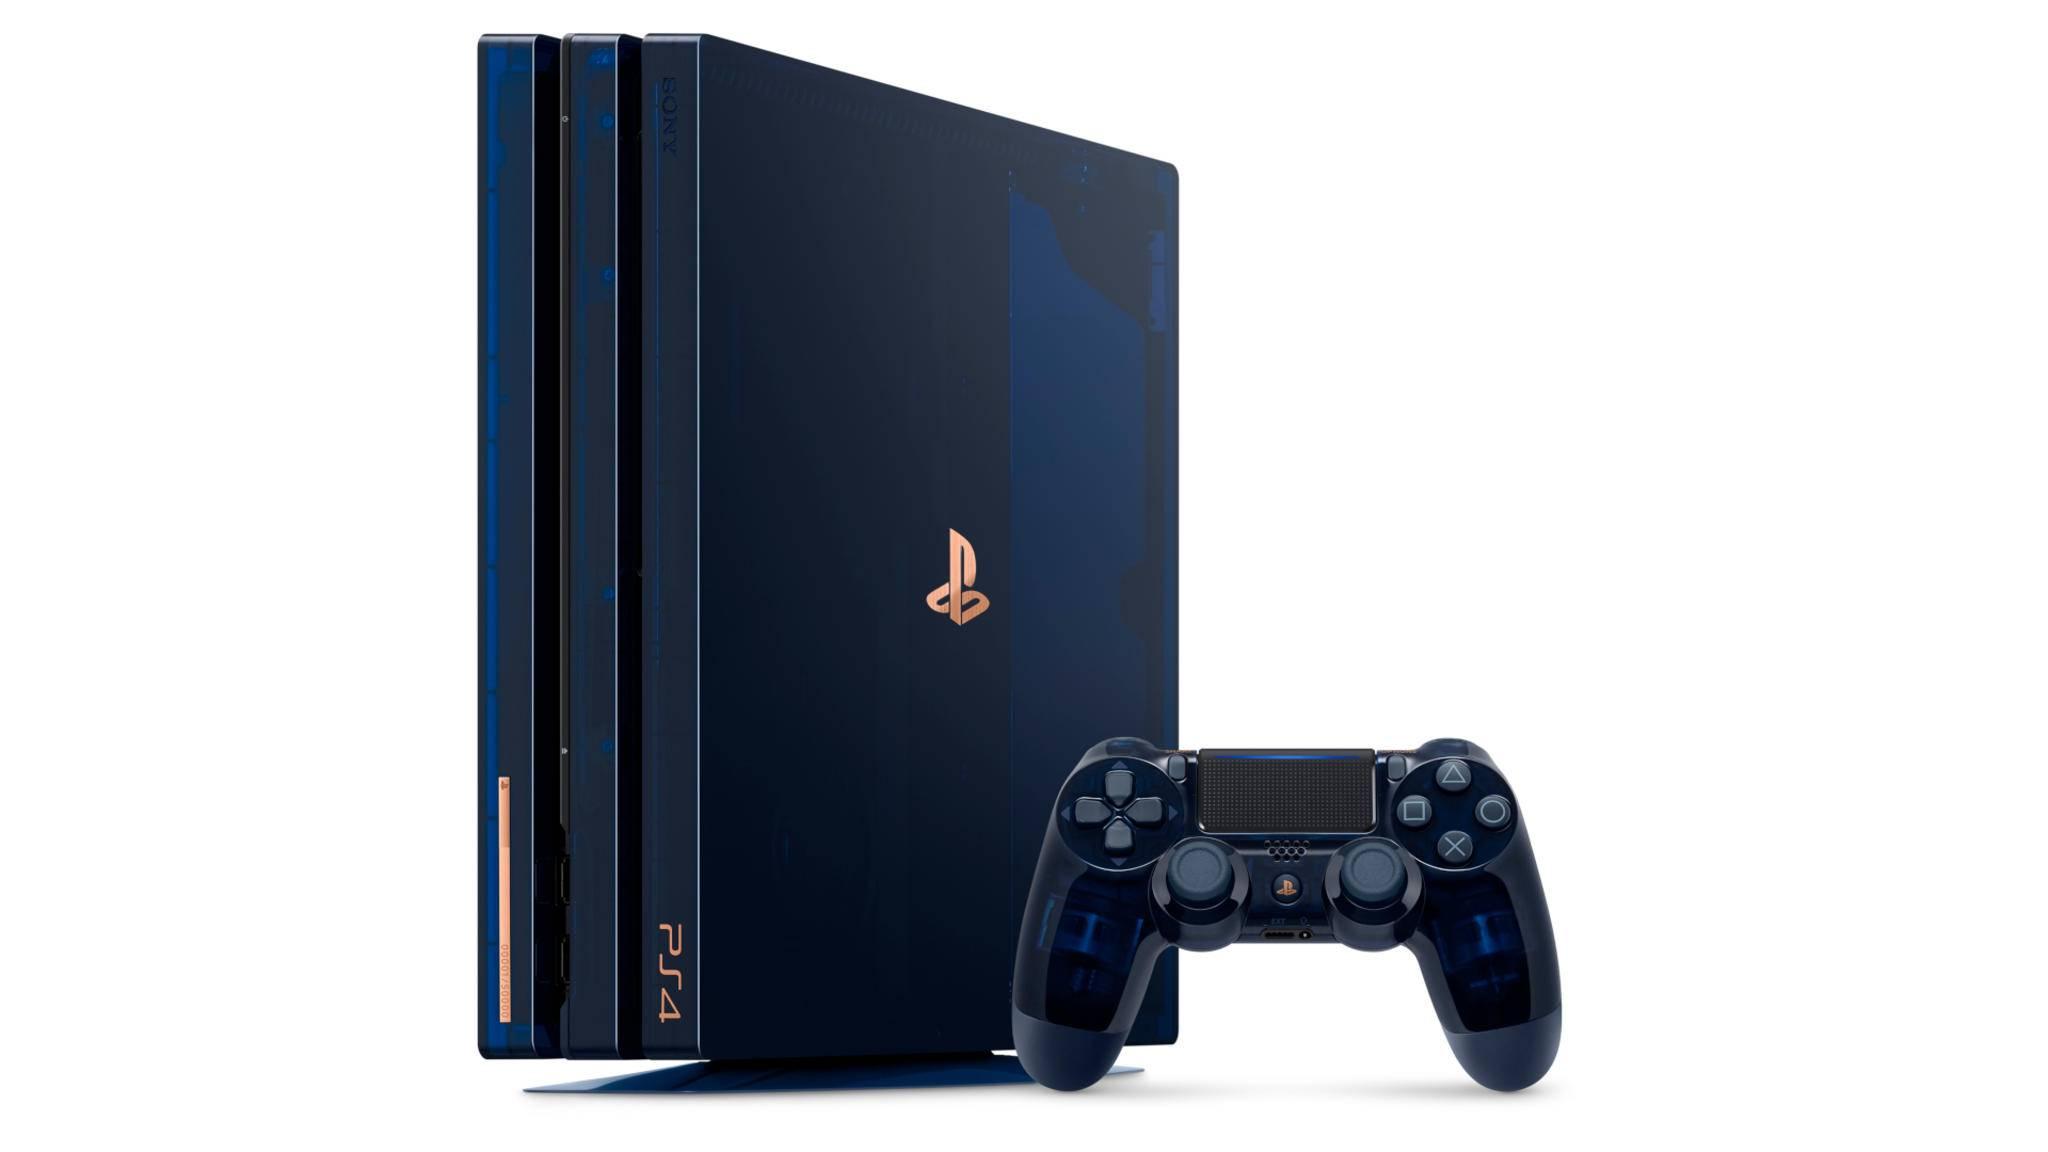 Erfolgsstory: Die PS4 klettert die Verkaufscharts empor.